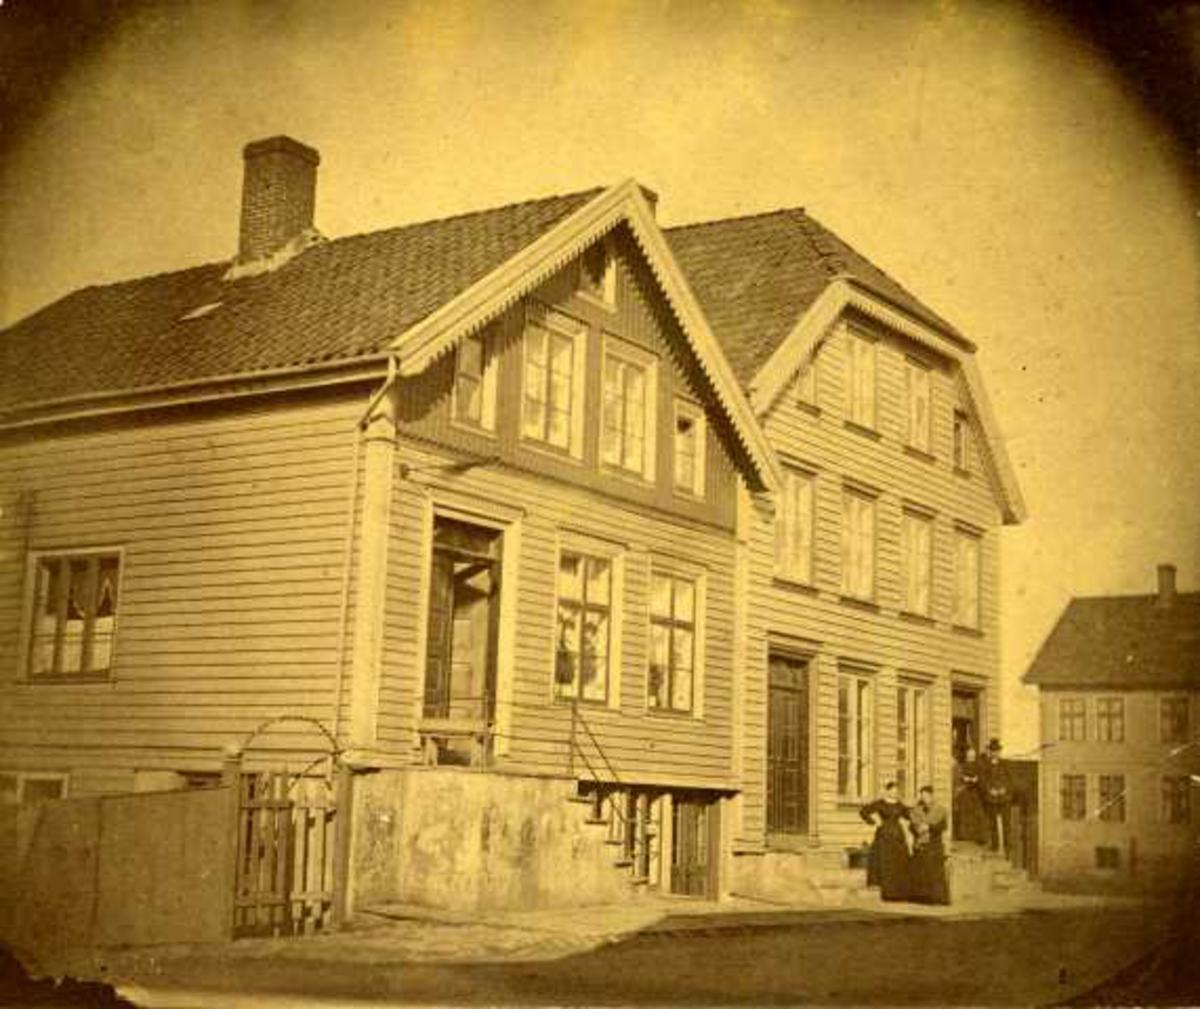 Til v. skipper Jens Larsens hus, nåværende Strandgt. 118. Huset er revet eller ombygget. Til h. skipper E. H. Kongshavns hus, Nåværende Strandgt. 120, med brutte gavler. I døren står skipper Ole T. Lindøe, hans søster fru Kongshavn og et gløtt av den yngste i søskenflokken, Svend Lindøe (Ole Johan Lindøe). I bakgrunnen Krohn Haaland Møbelforretning.